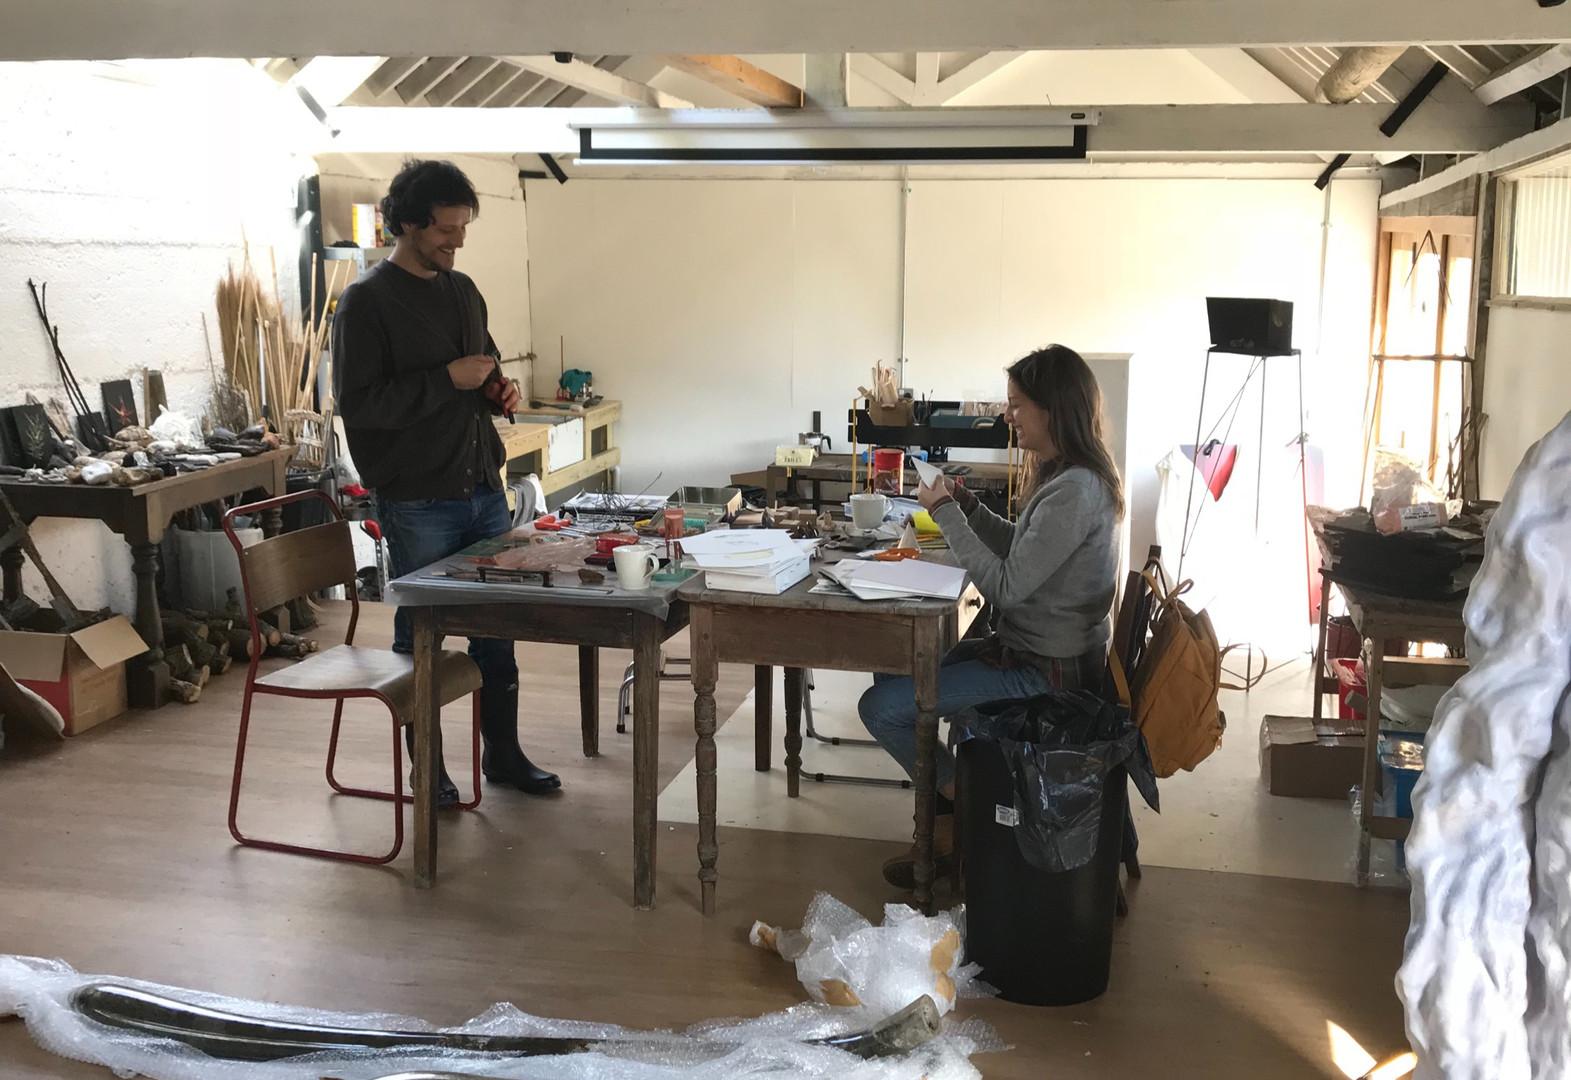 Pablo de Laborde Lascaris and Adeline de Monseignat in the studio